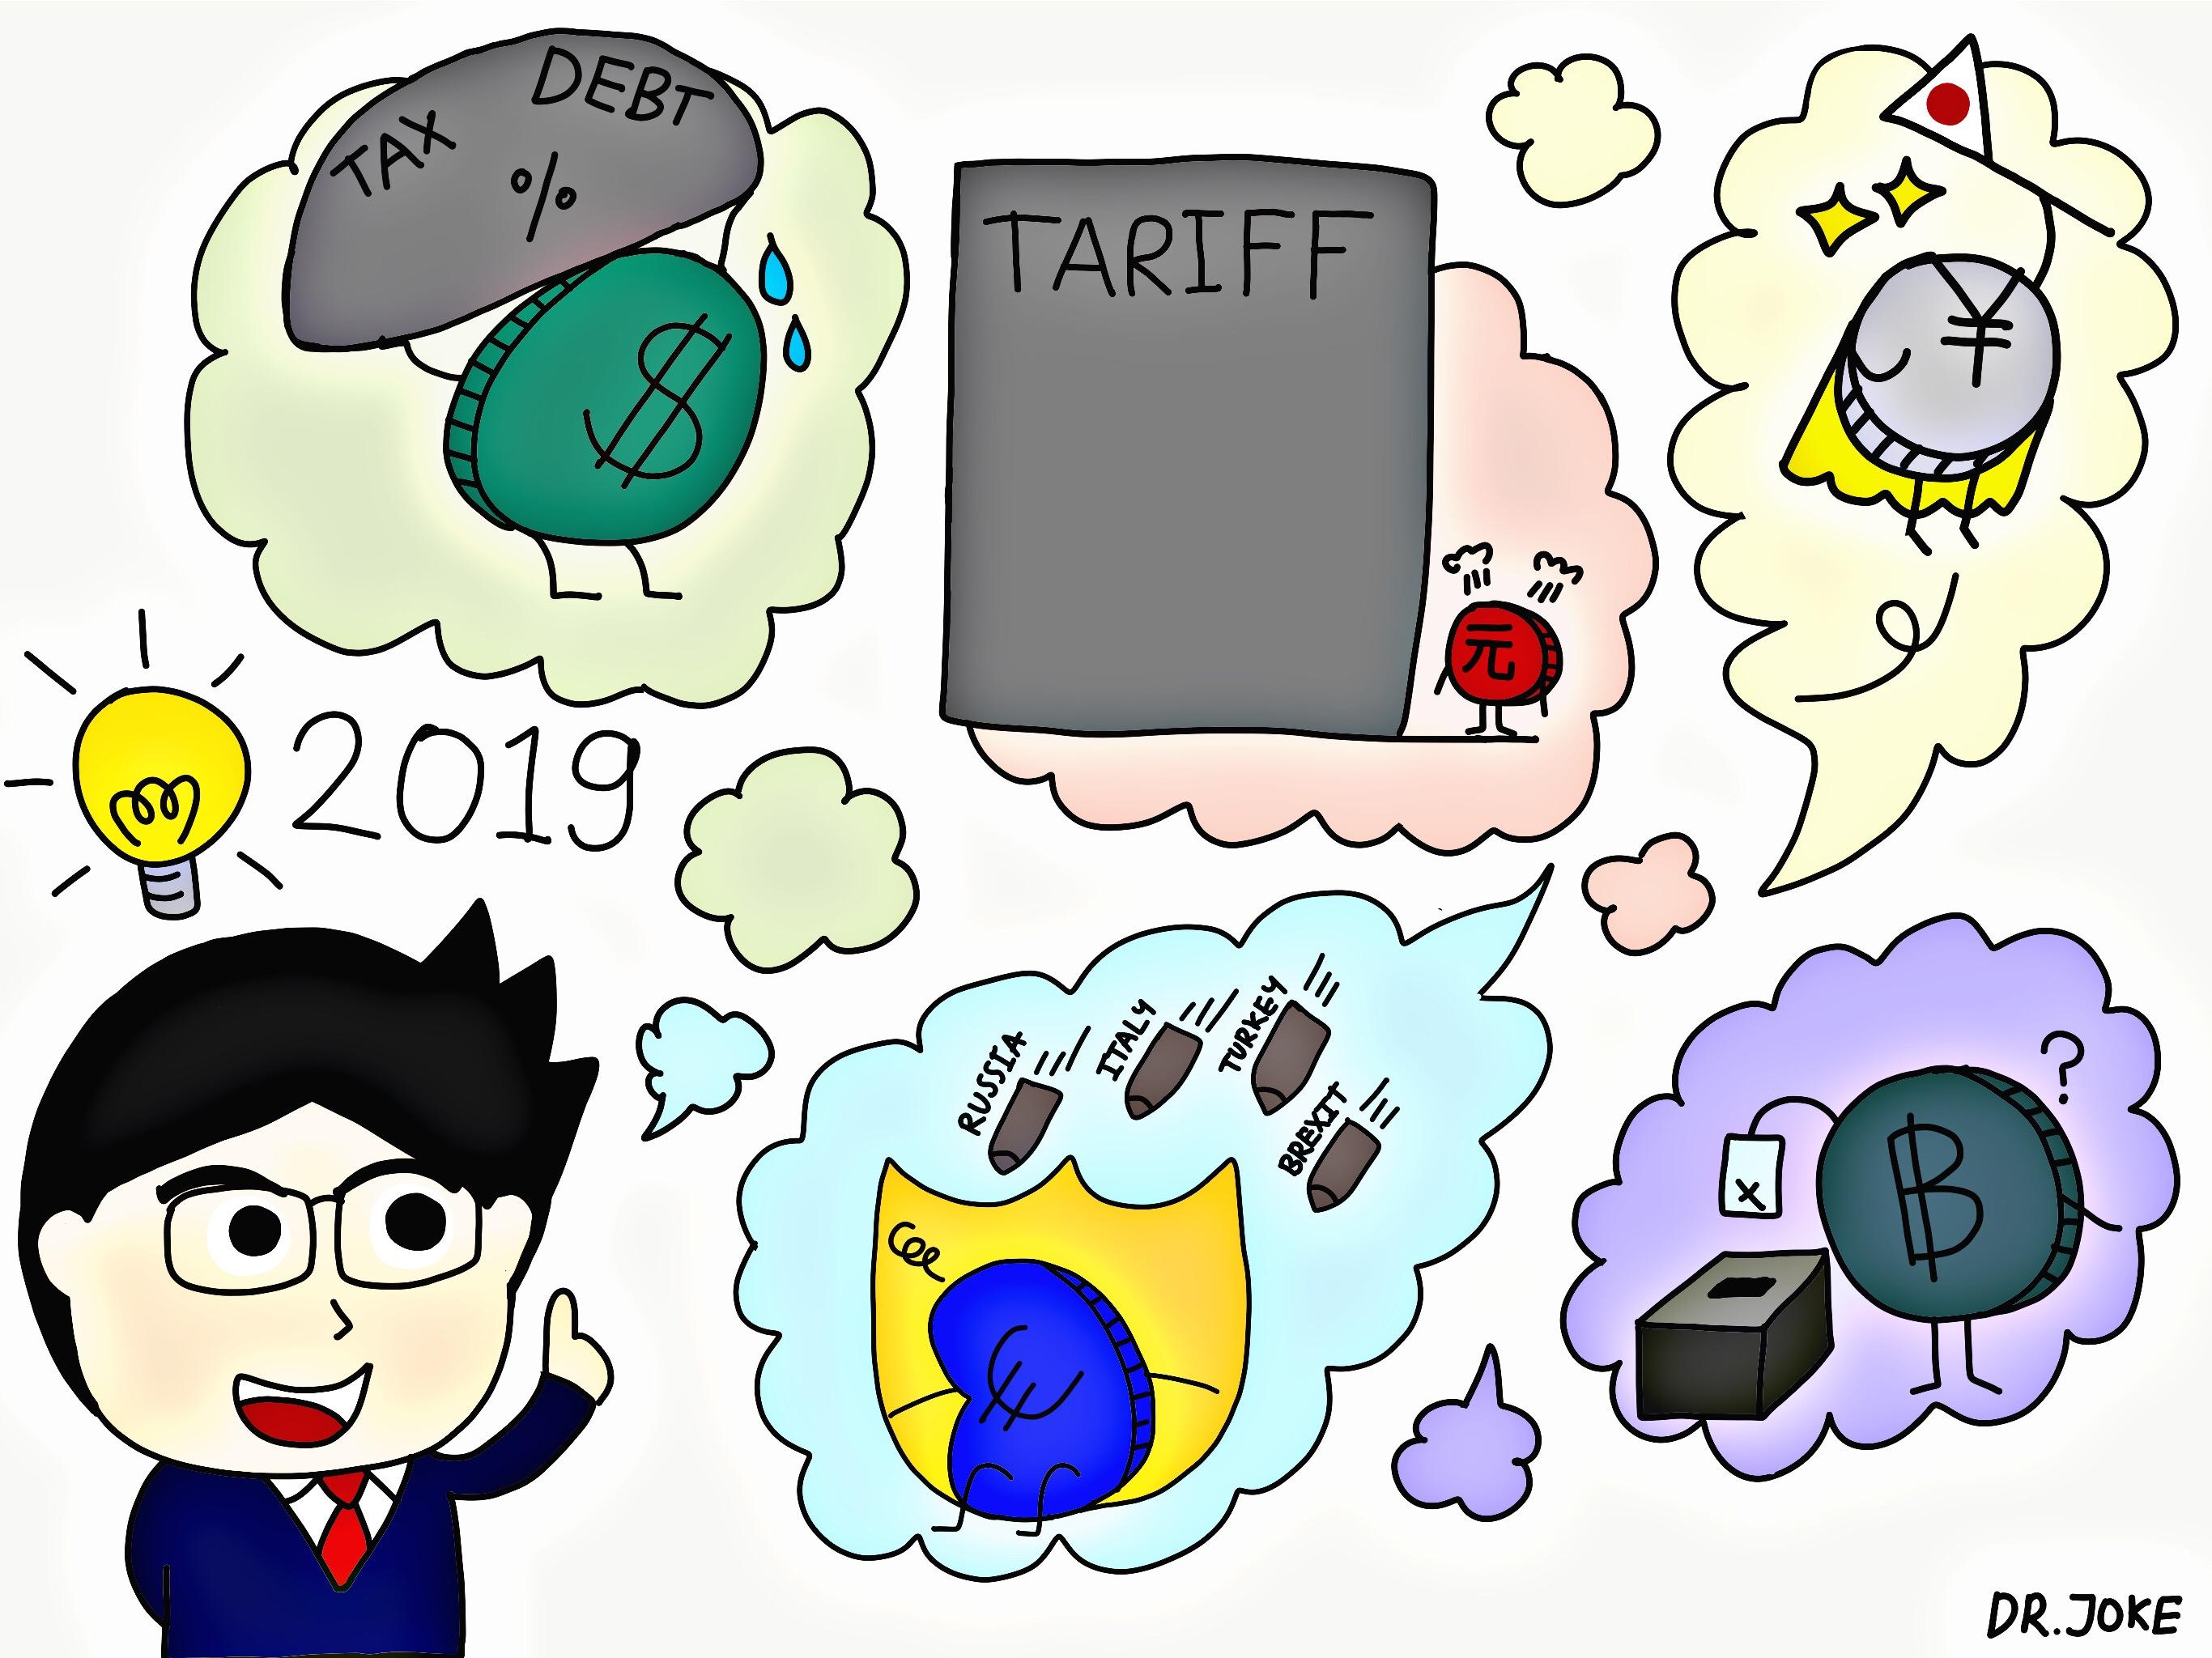 ความจริงในปี 2018 และจินตนาการในปี 2019